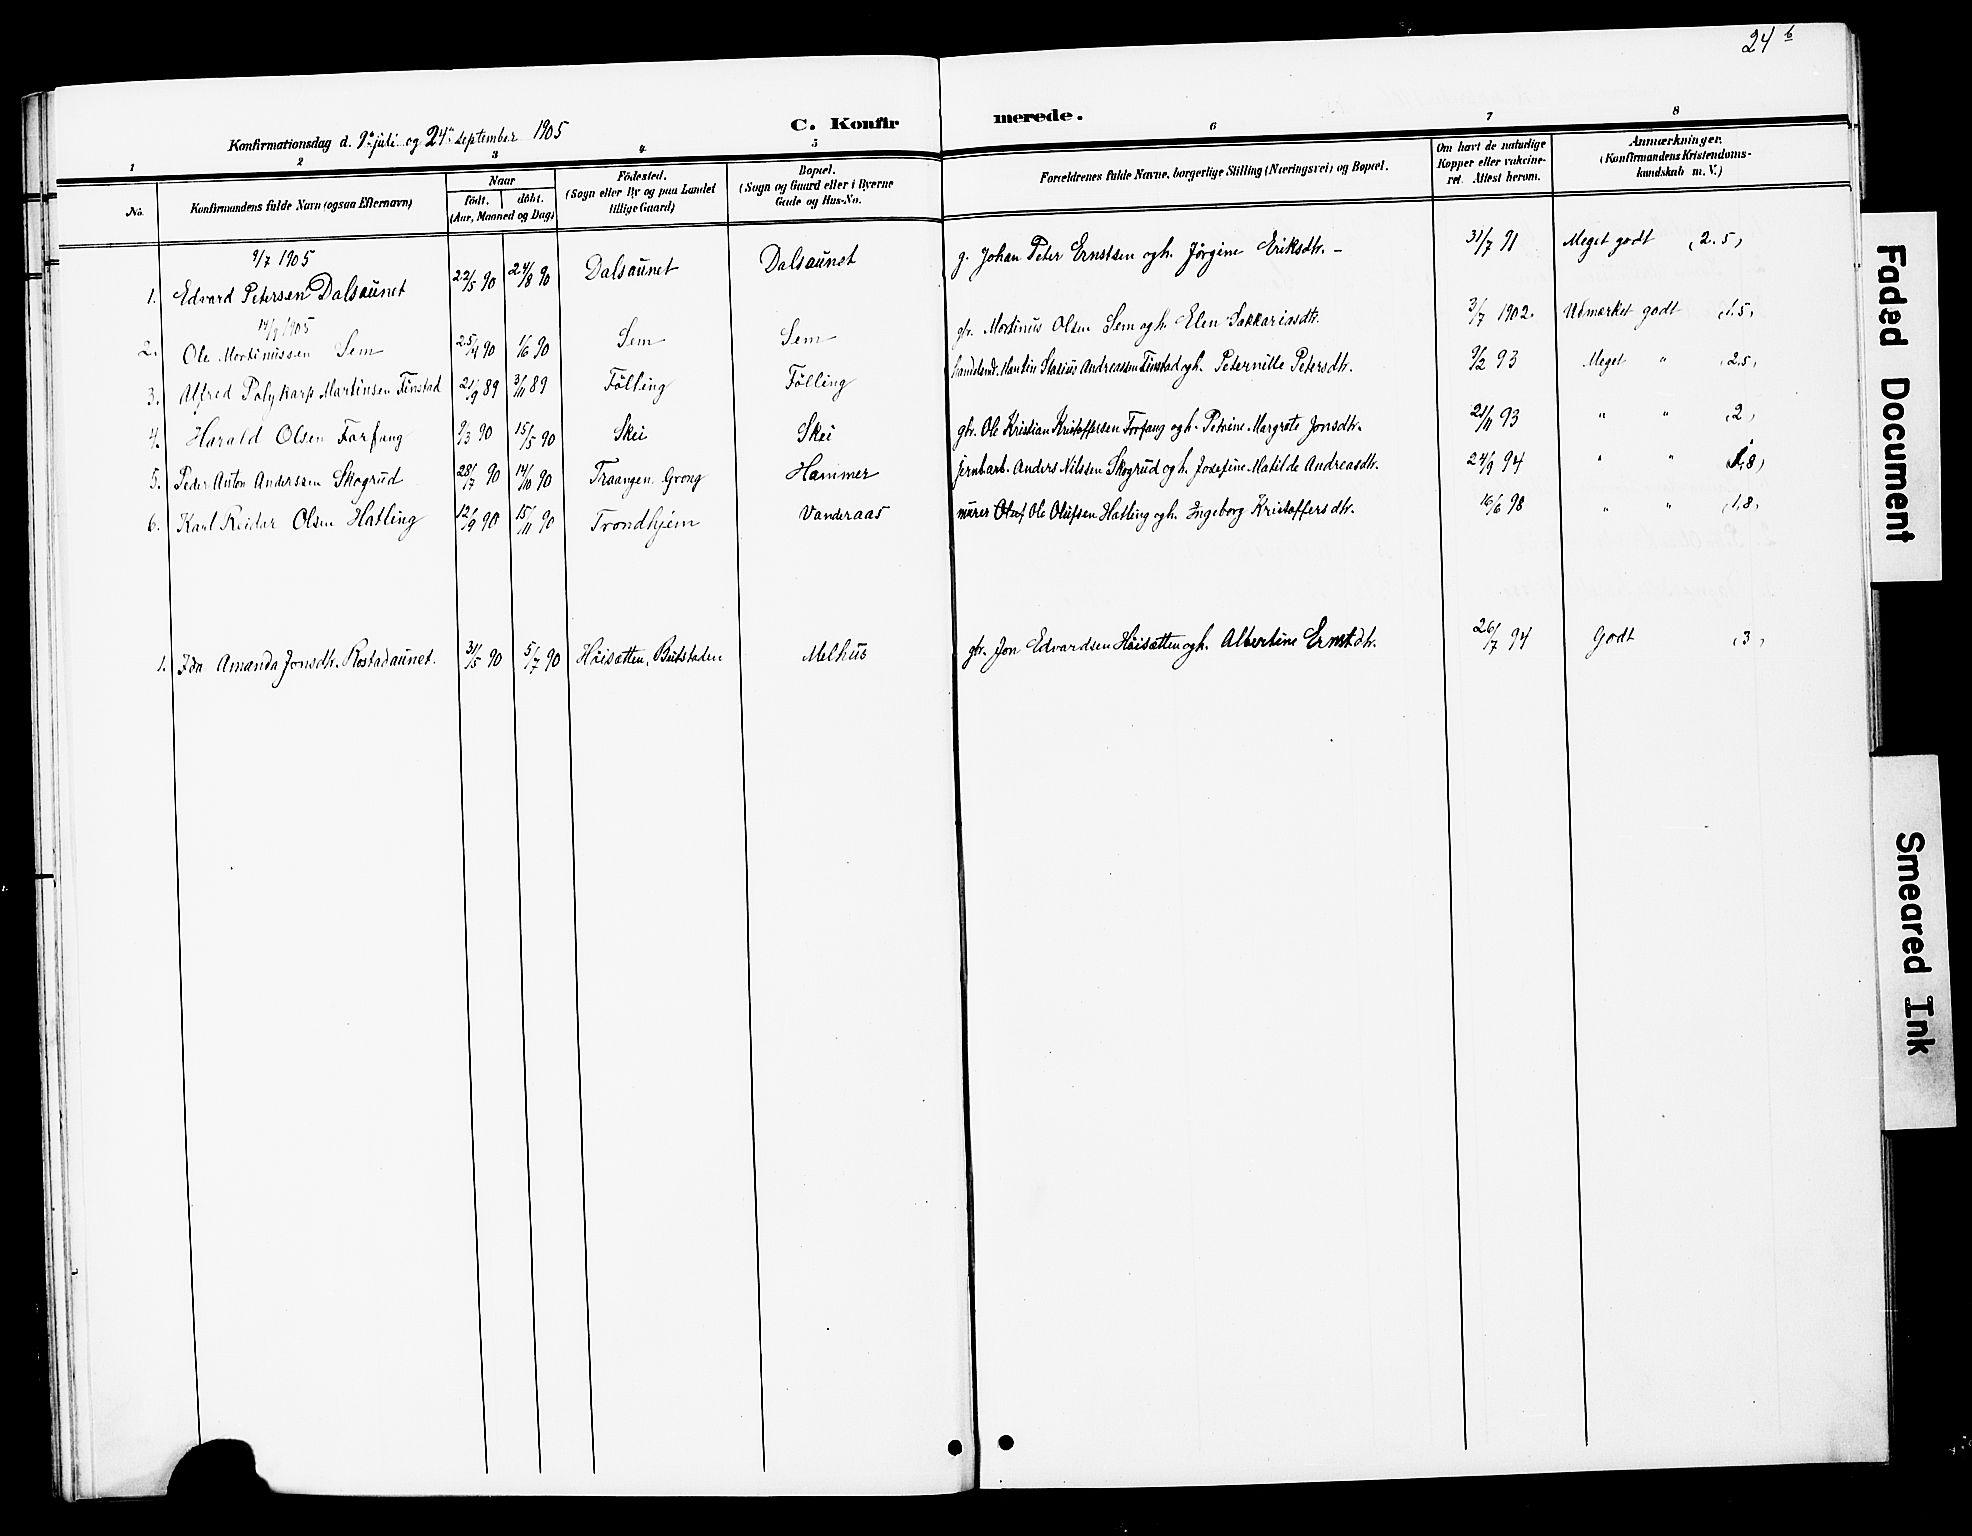 SAT, Ministerialprotokoller, klokkerbøker og fødselsregistre - Nord-Trøndelag, 748/L0464: Ministerialbok nr. 748A01, 1900-1908, s. 24b